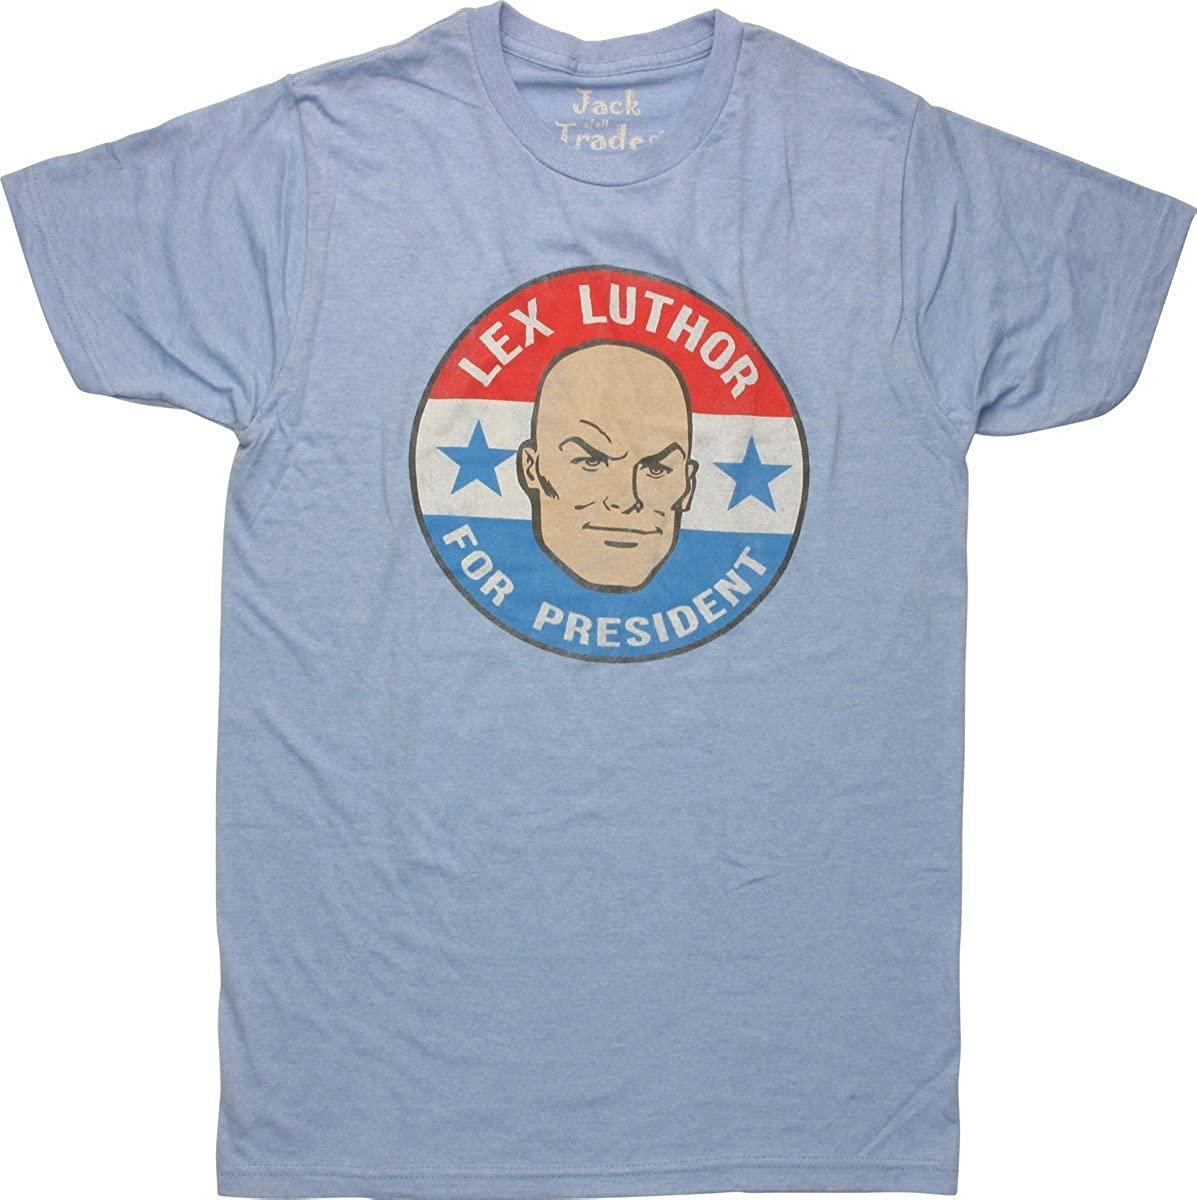 Lex Luthor Merchandise